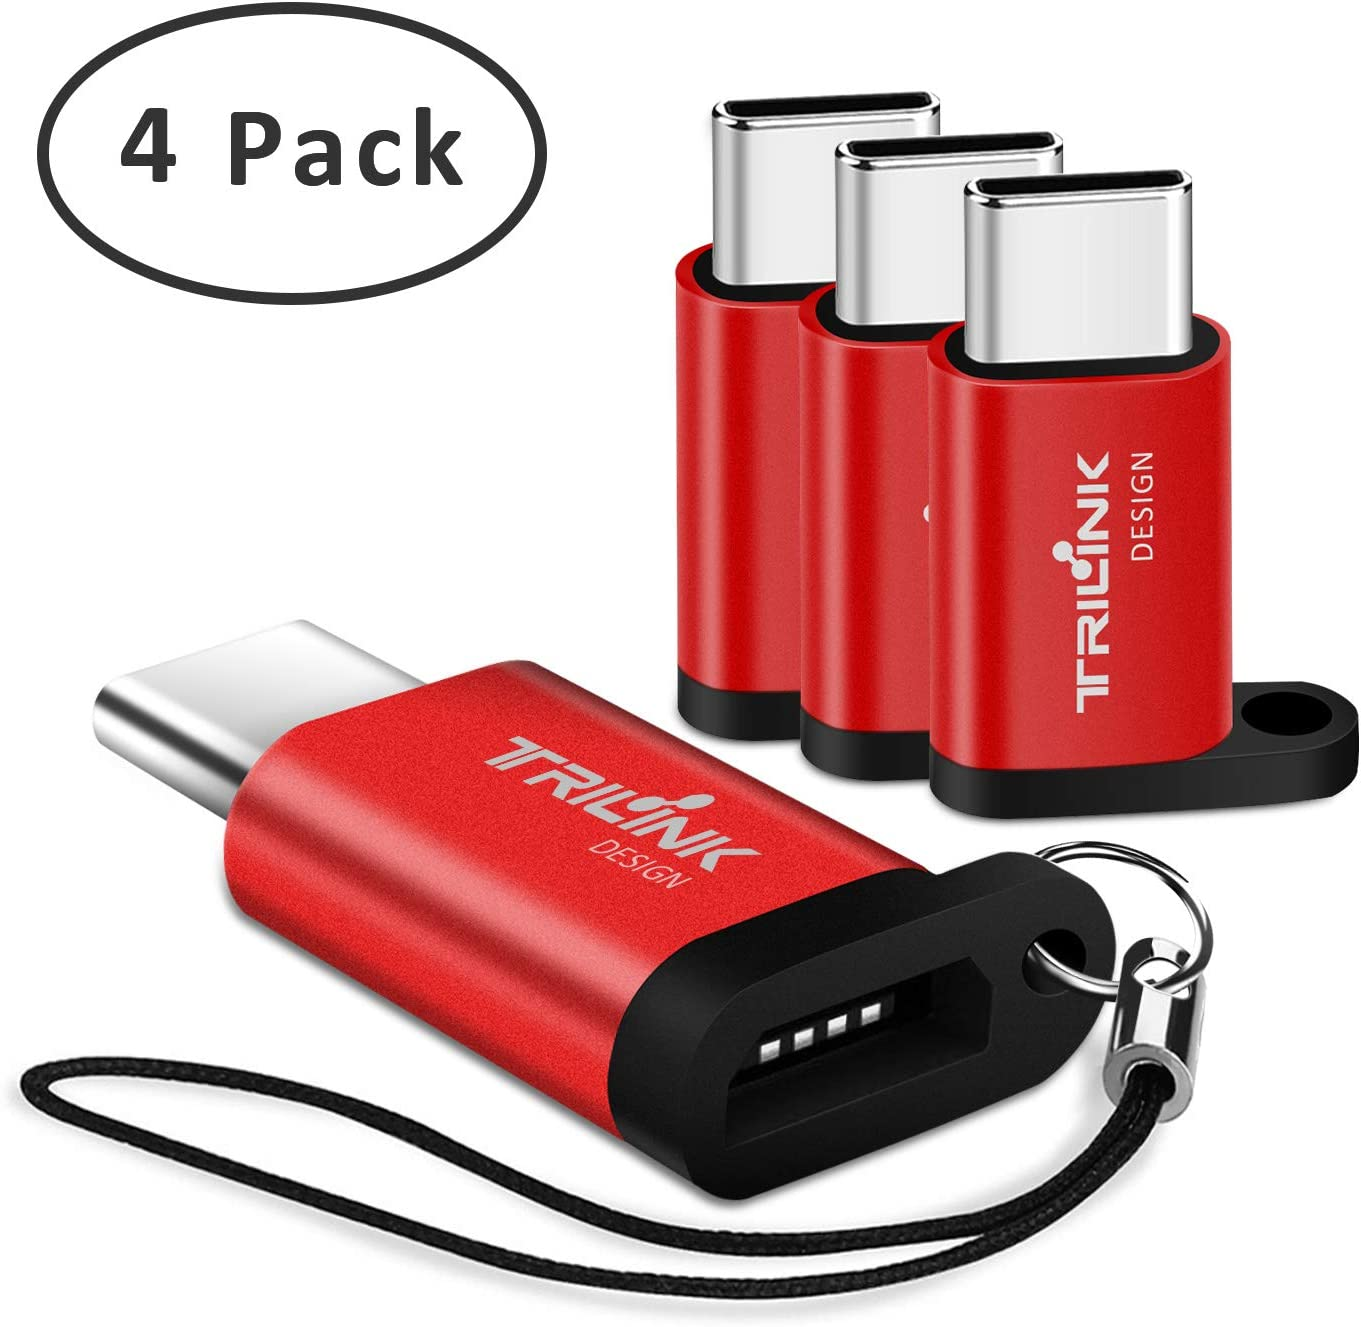 Adaptador Tipo C [Pack de 4] Adaptadores Micro USB a USB C ...